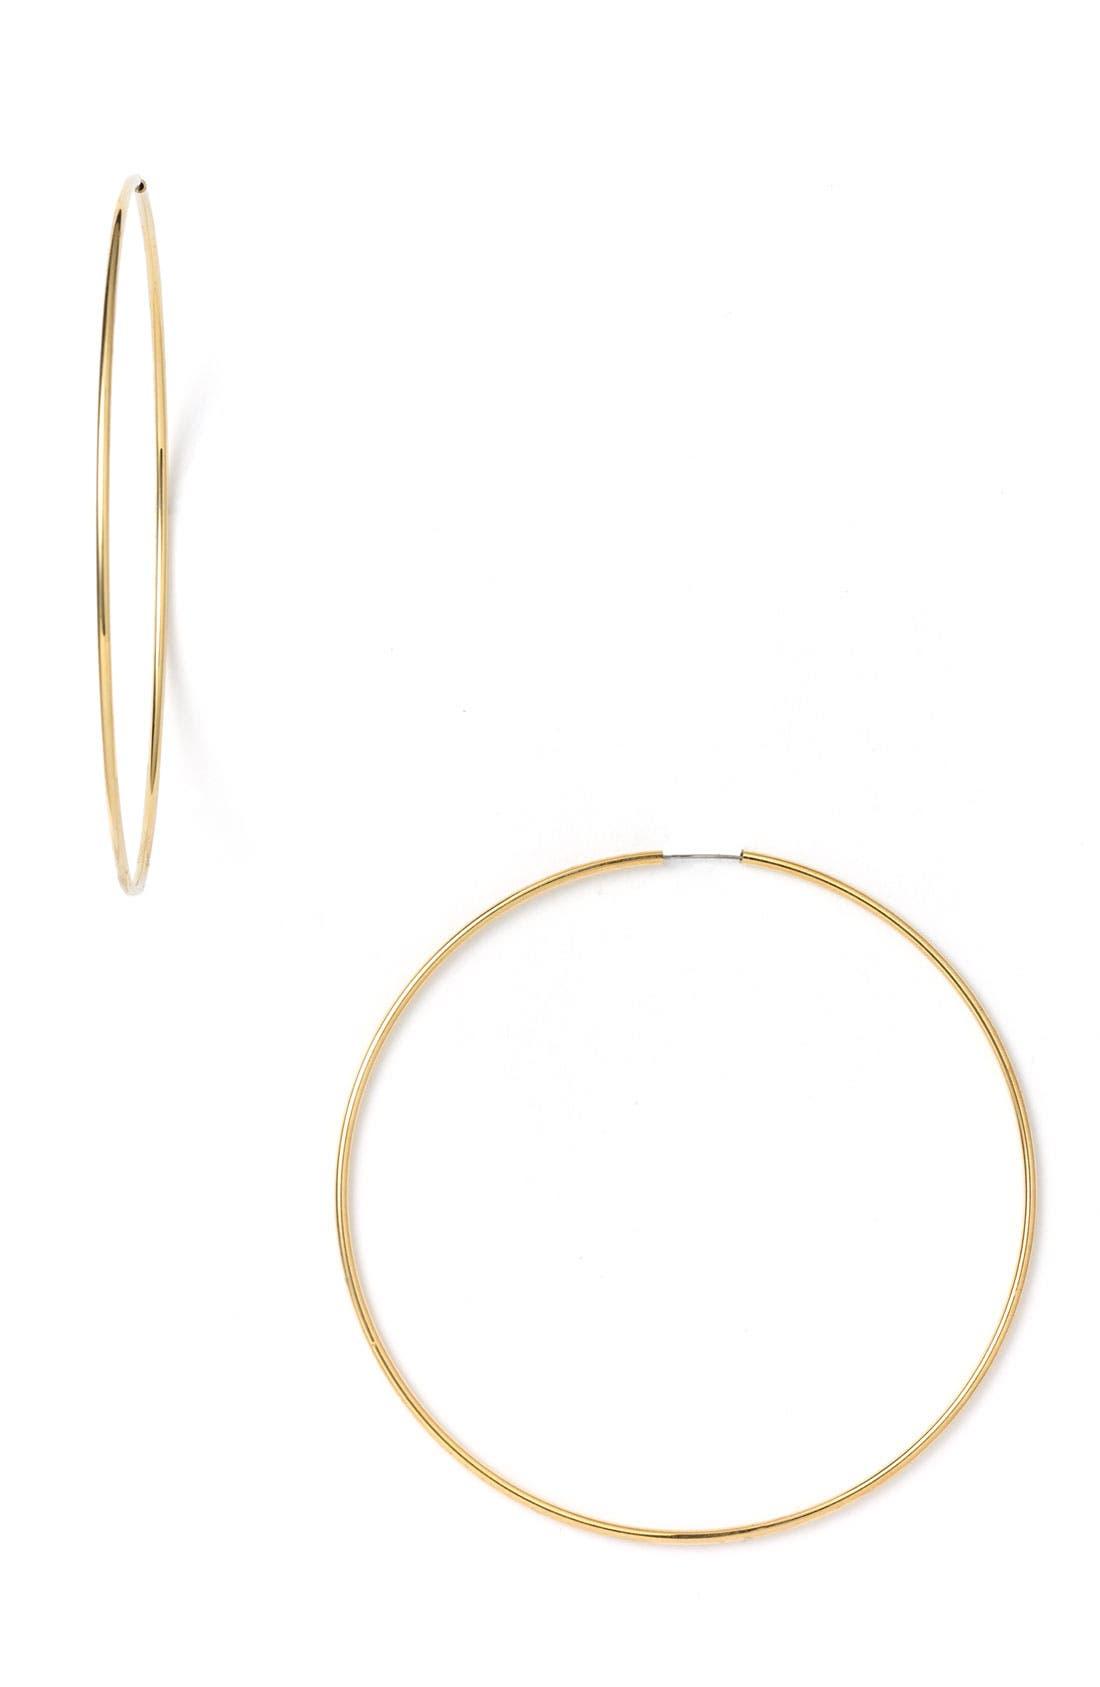 Alternate Image 1 Selected - Nordstrom Endless Oversized Hoop Earrings